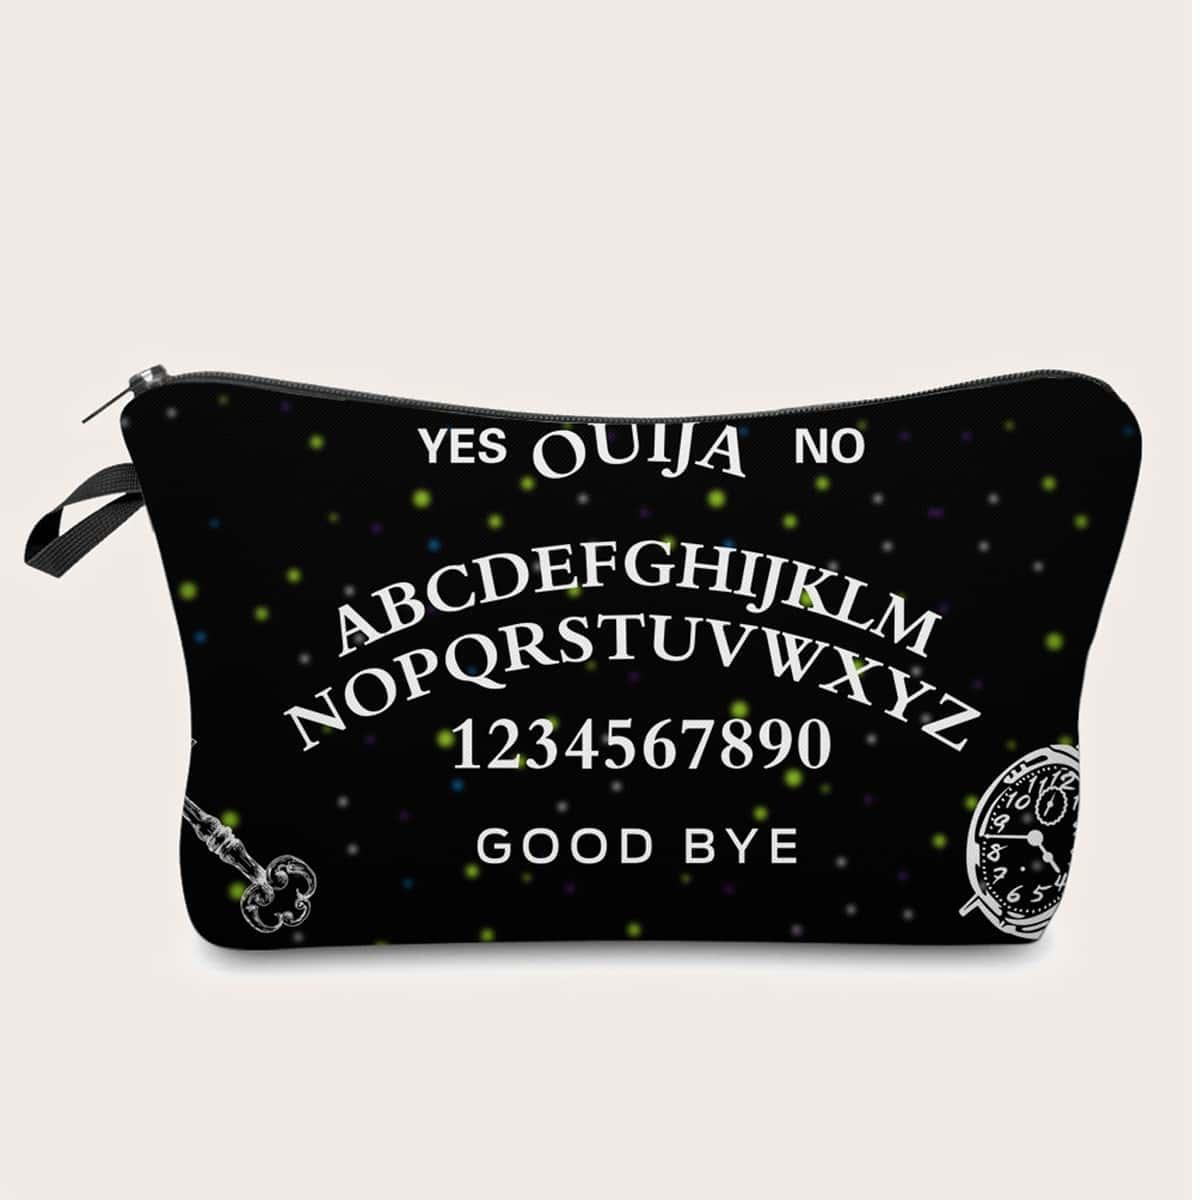 Косметическая сумка с текстовым принтом